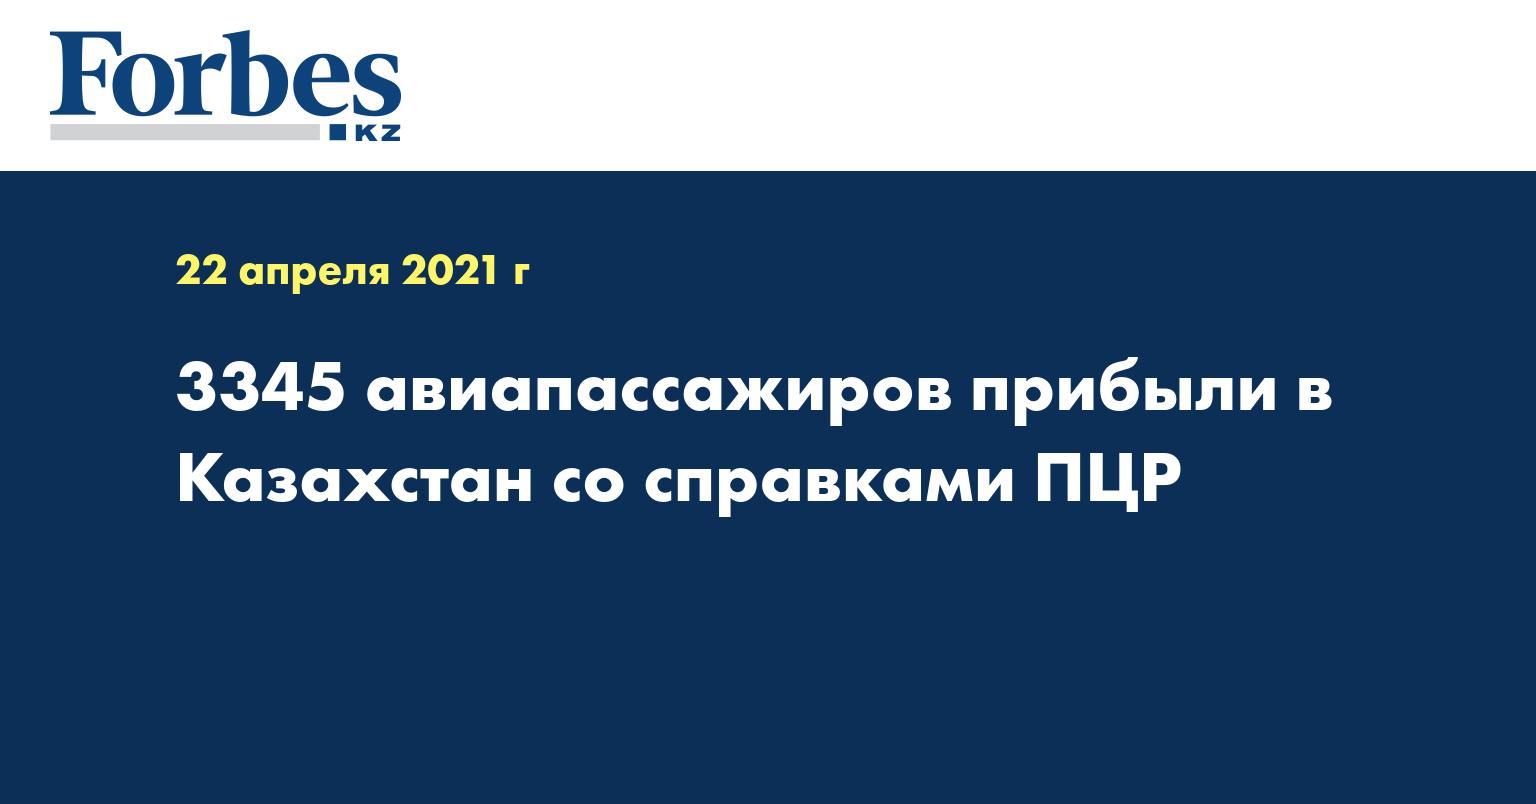 3345 авиапассажиров прибыли в Казахстан со справками ПЦР